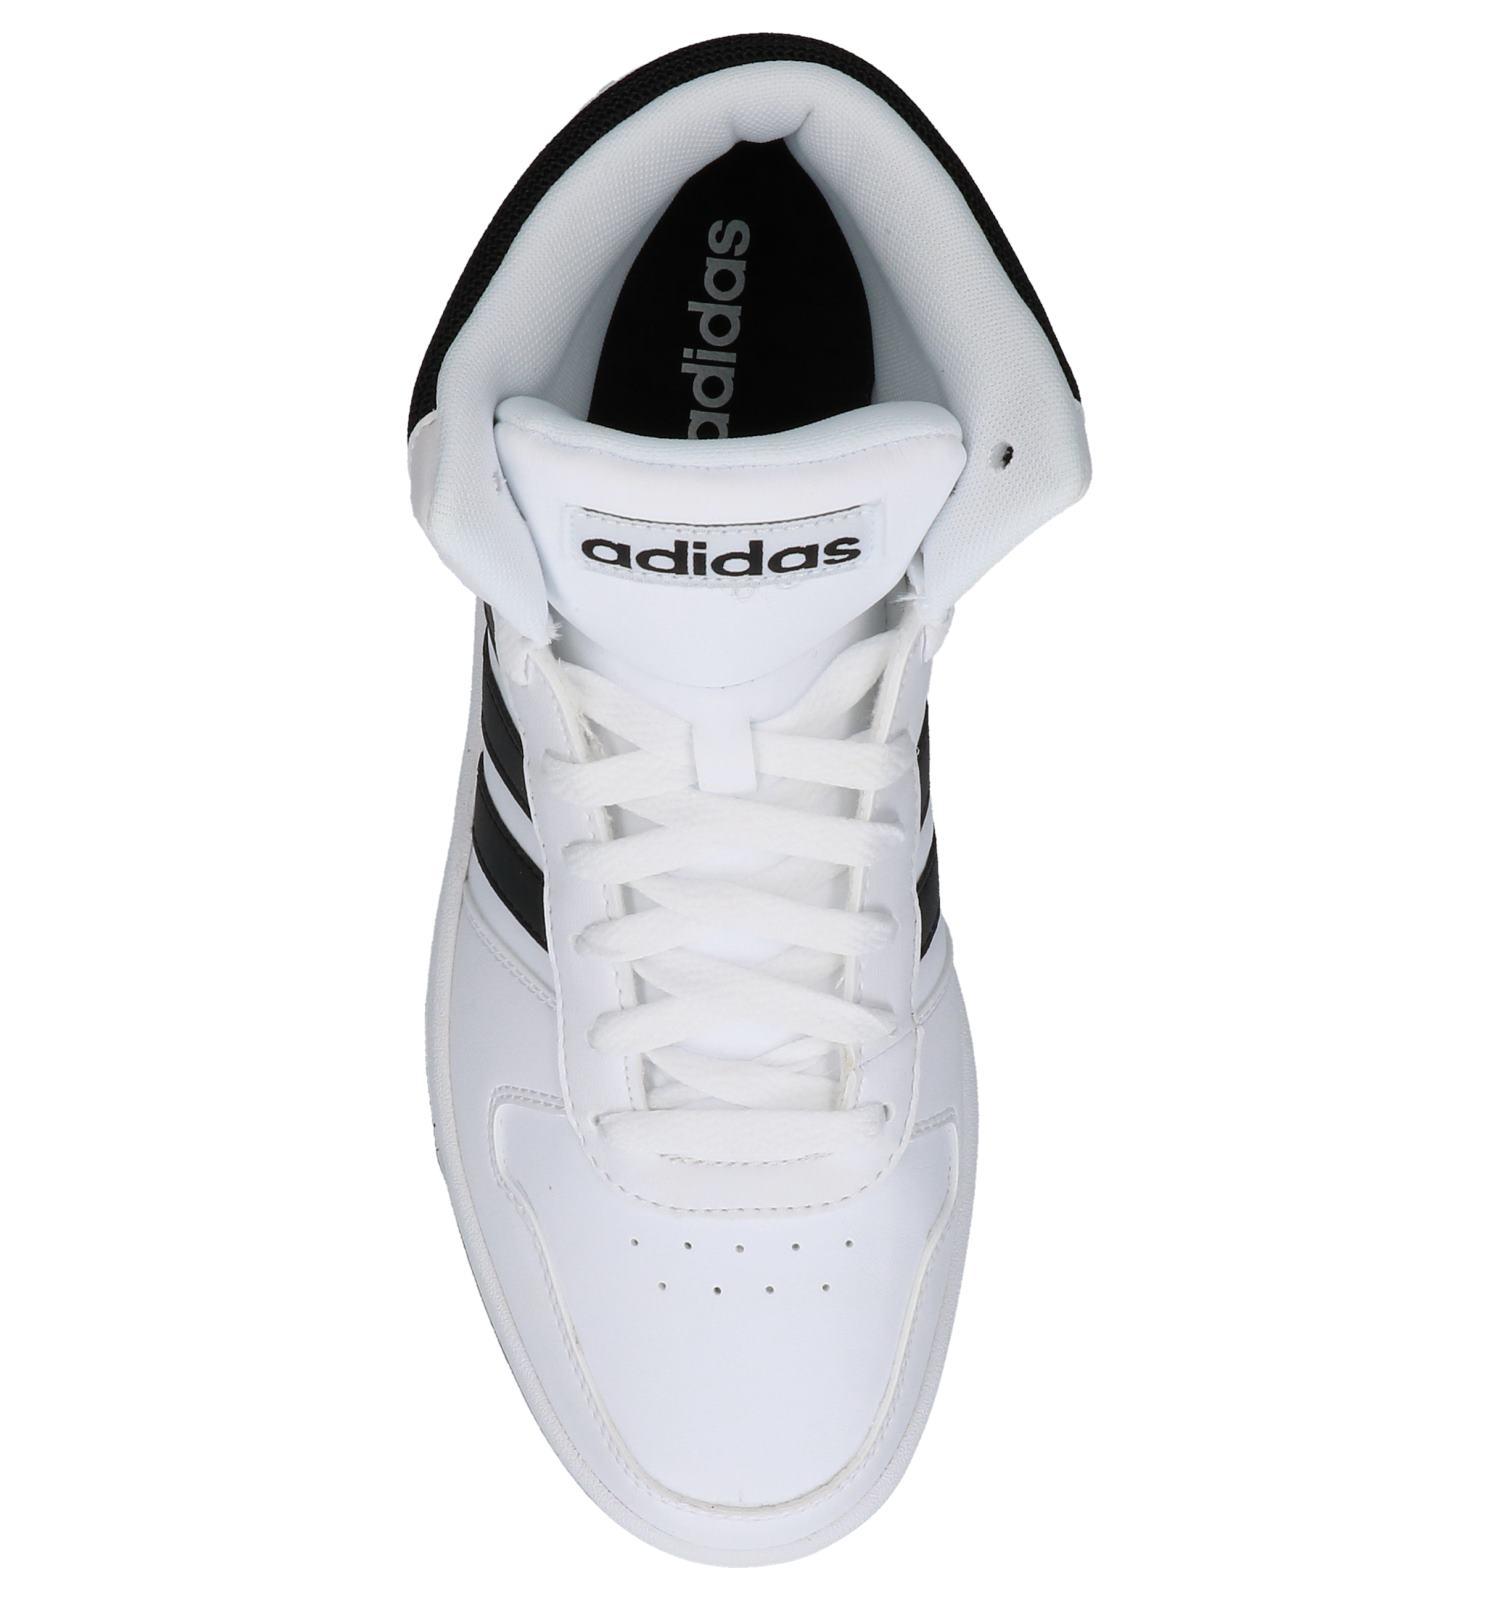 Witte Sneakers Gratis En Retour Verzend 0 be 2 Hoops Hoge Torfs Adidas tR7a11